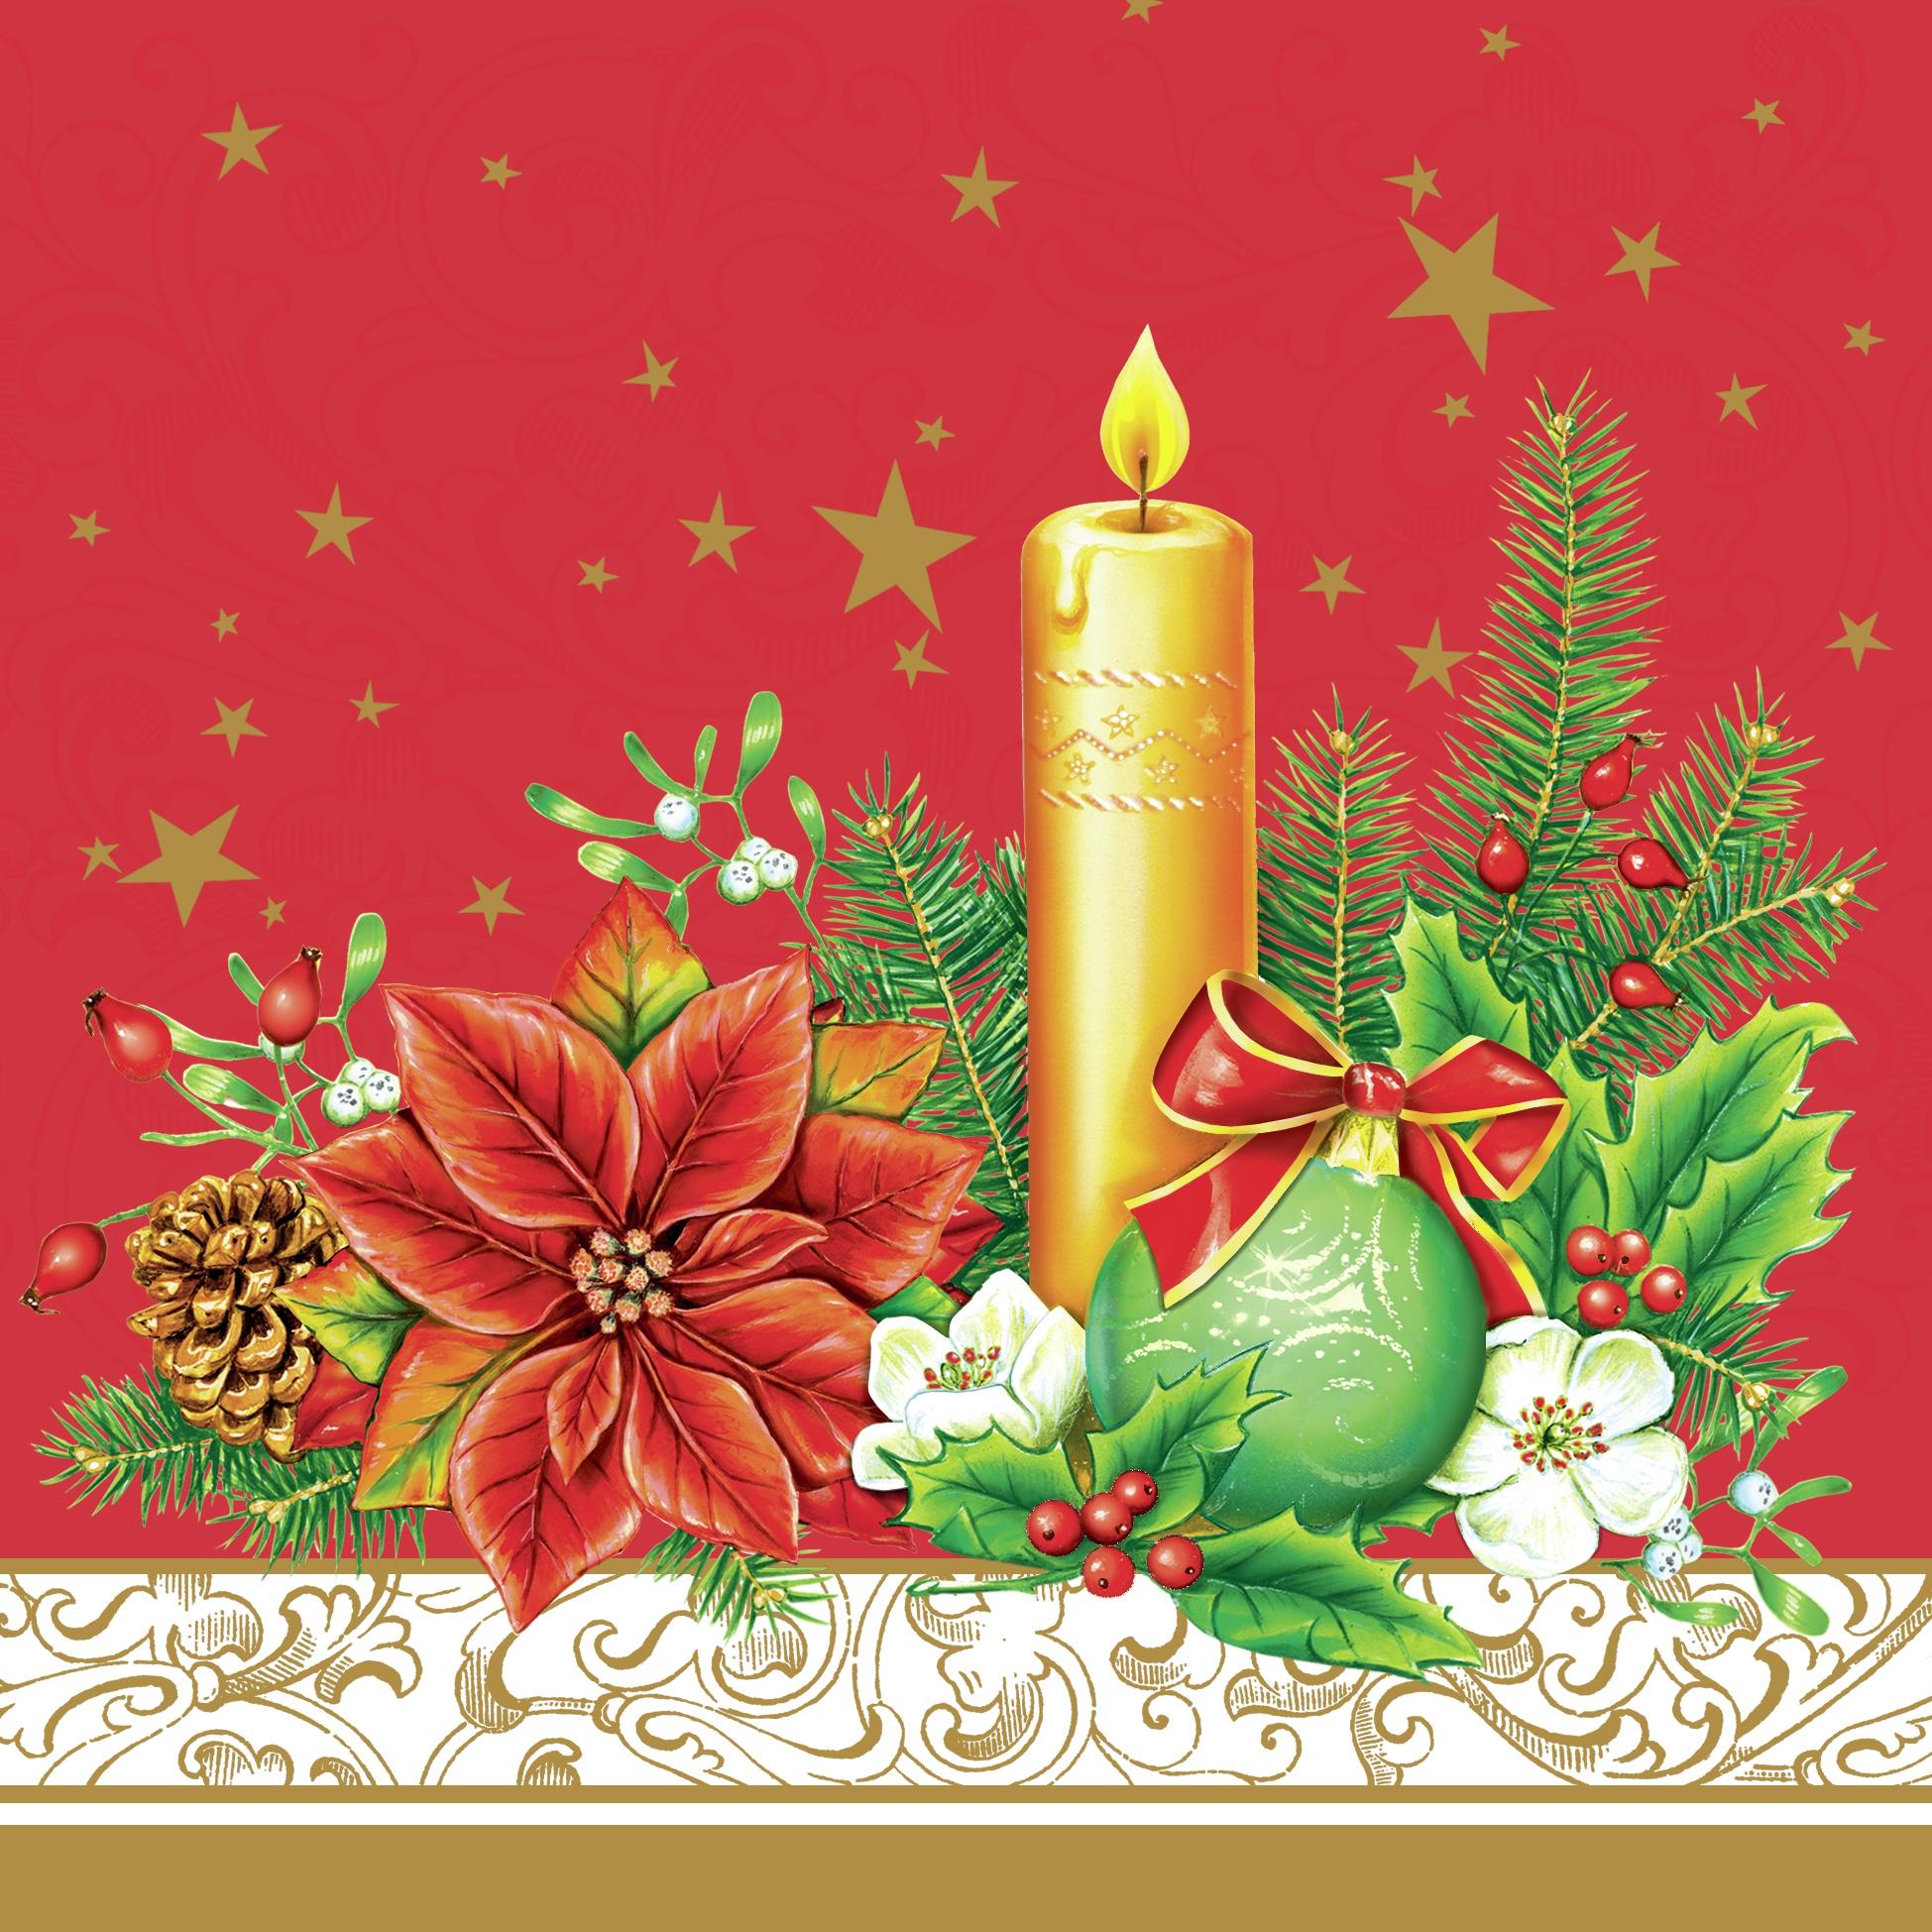 20 Servietten - 33 x 33 cm ,  Weihnachten - Kerzen,  Pflanzen - Ilex,  Weihnachten - Adventskranz,  Weihnachten,  lunchservietten,  Adventskranz,  Ilex,  Kerzen